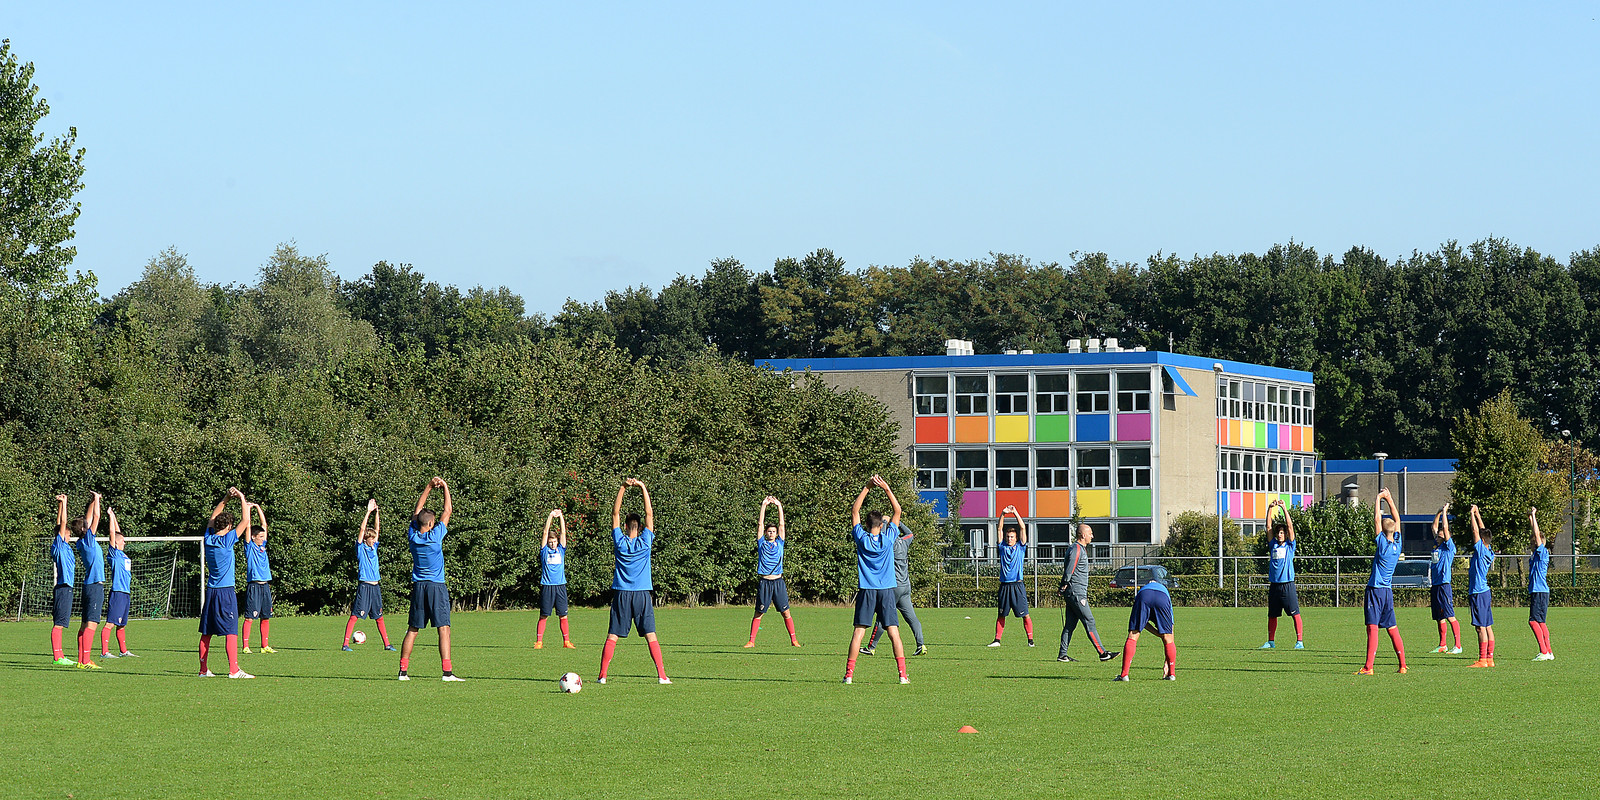 De nationale ploeg van Kroatië onder 17 jaar op trainingskamp bij Juliana in Mill.